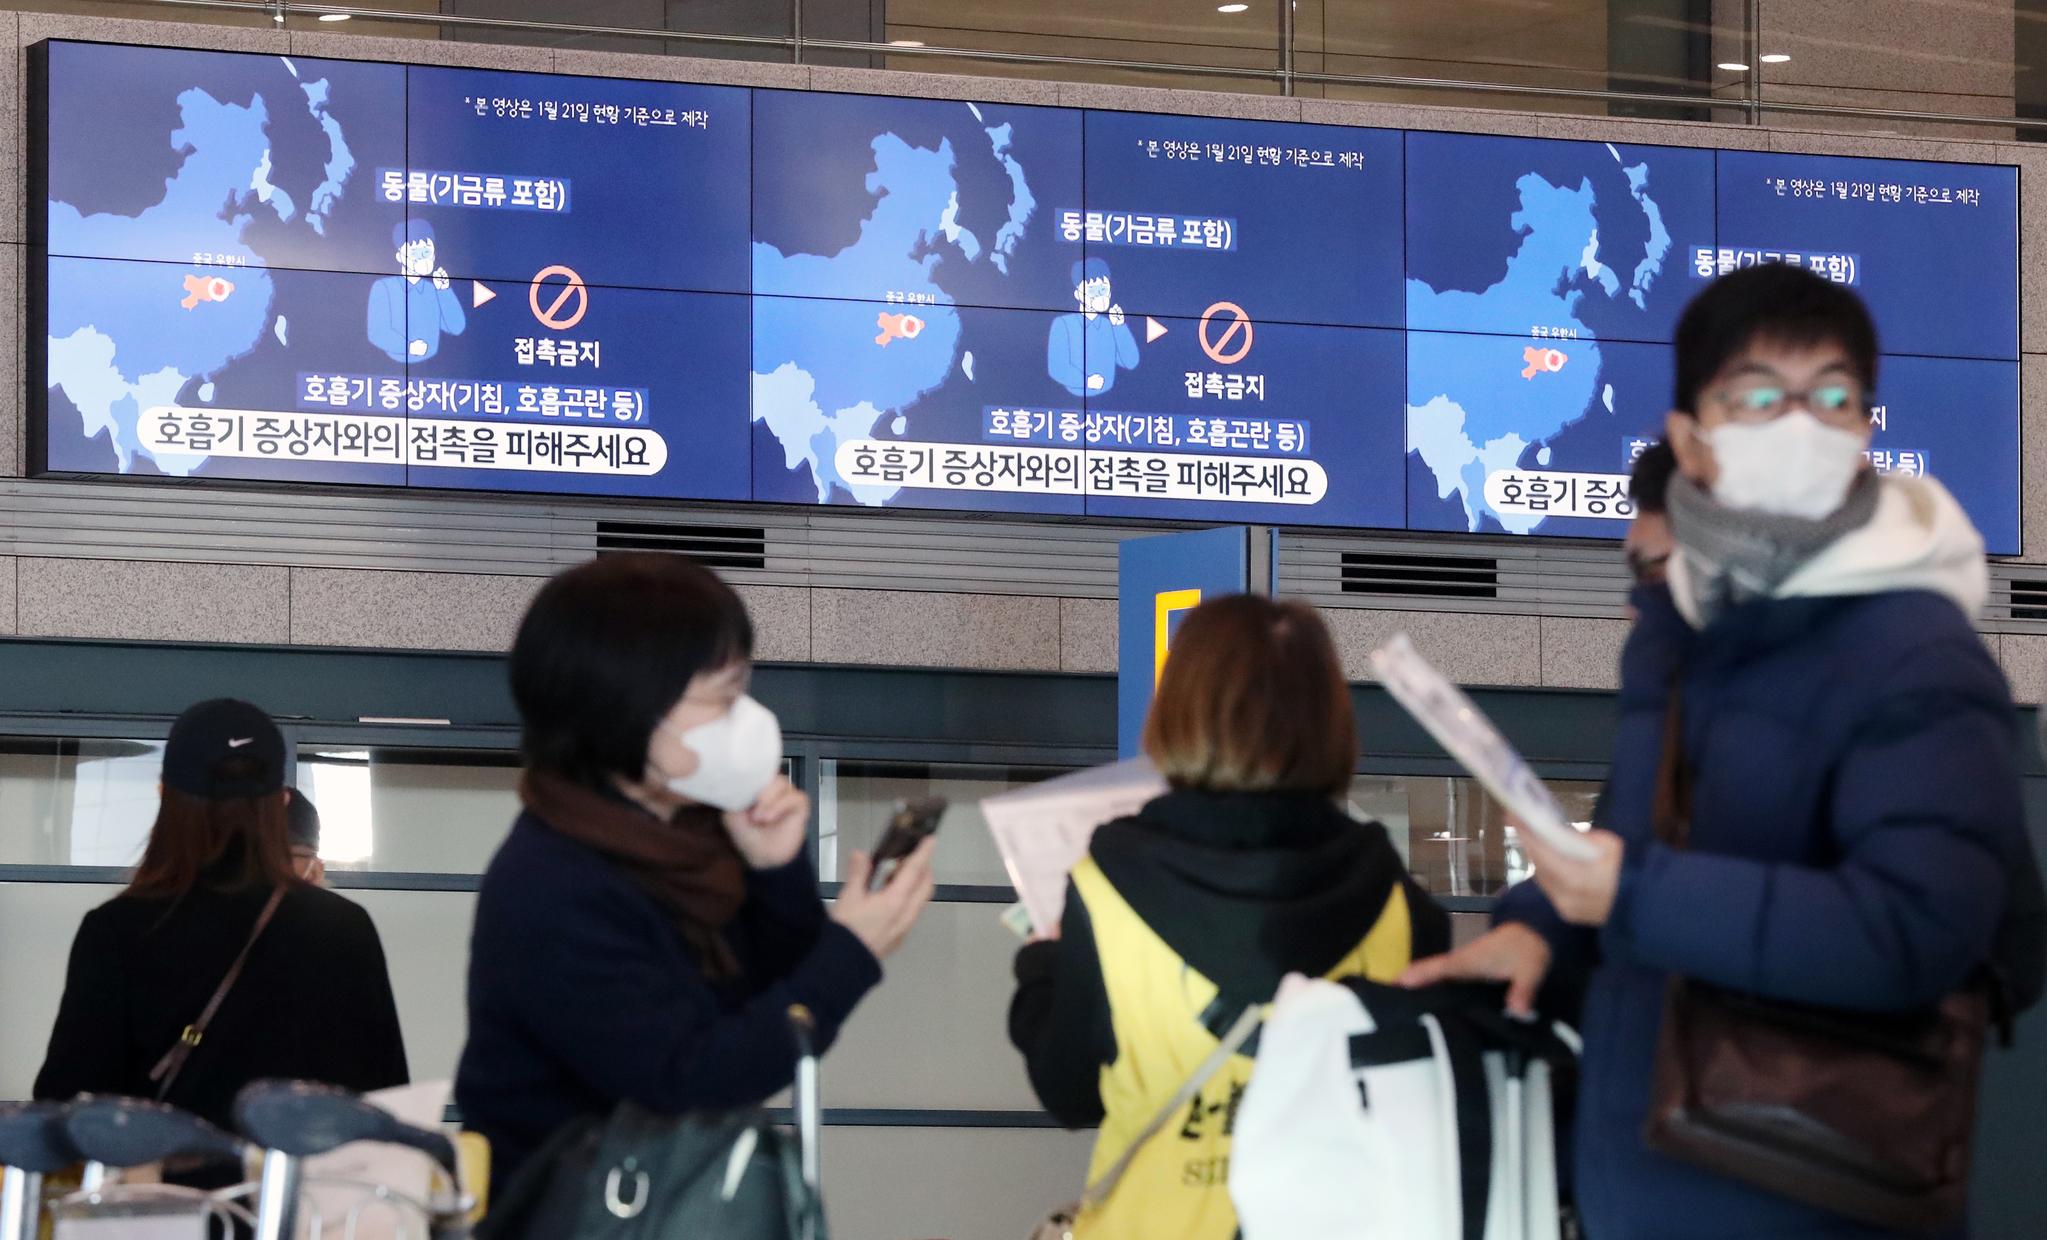 지난 5일 인천국제공항 제1여객터미널 입국장에서 마스크를 쓴 여행객 뒤로 신종 코로나 감염 주의 안내가 나오고 있다. [뉴스1]